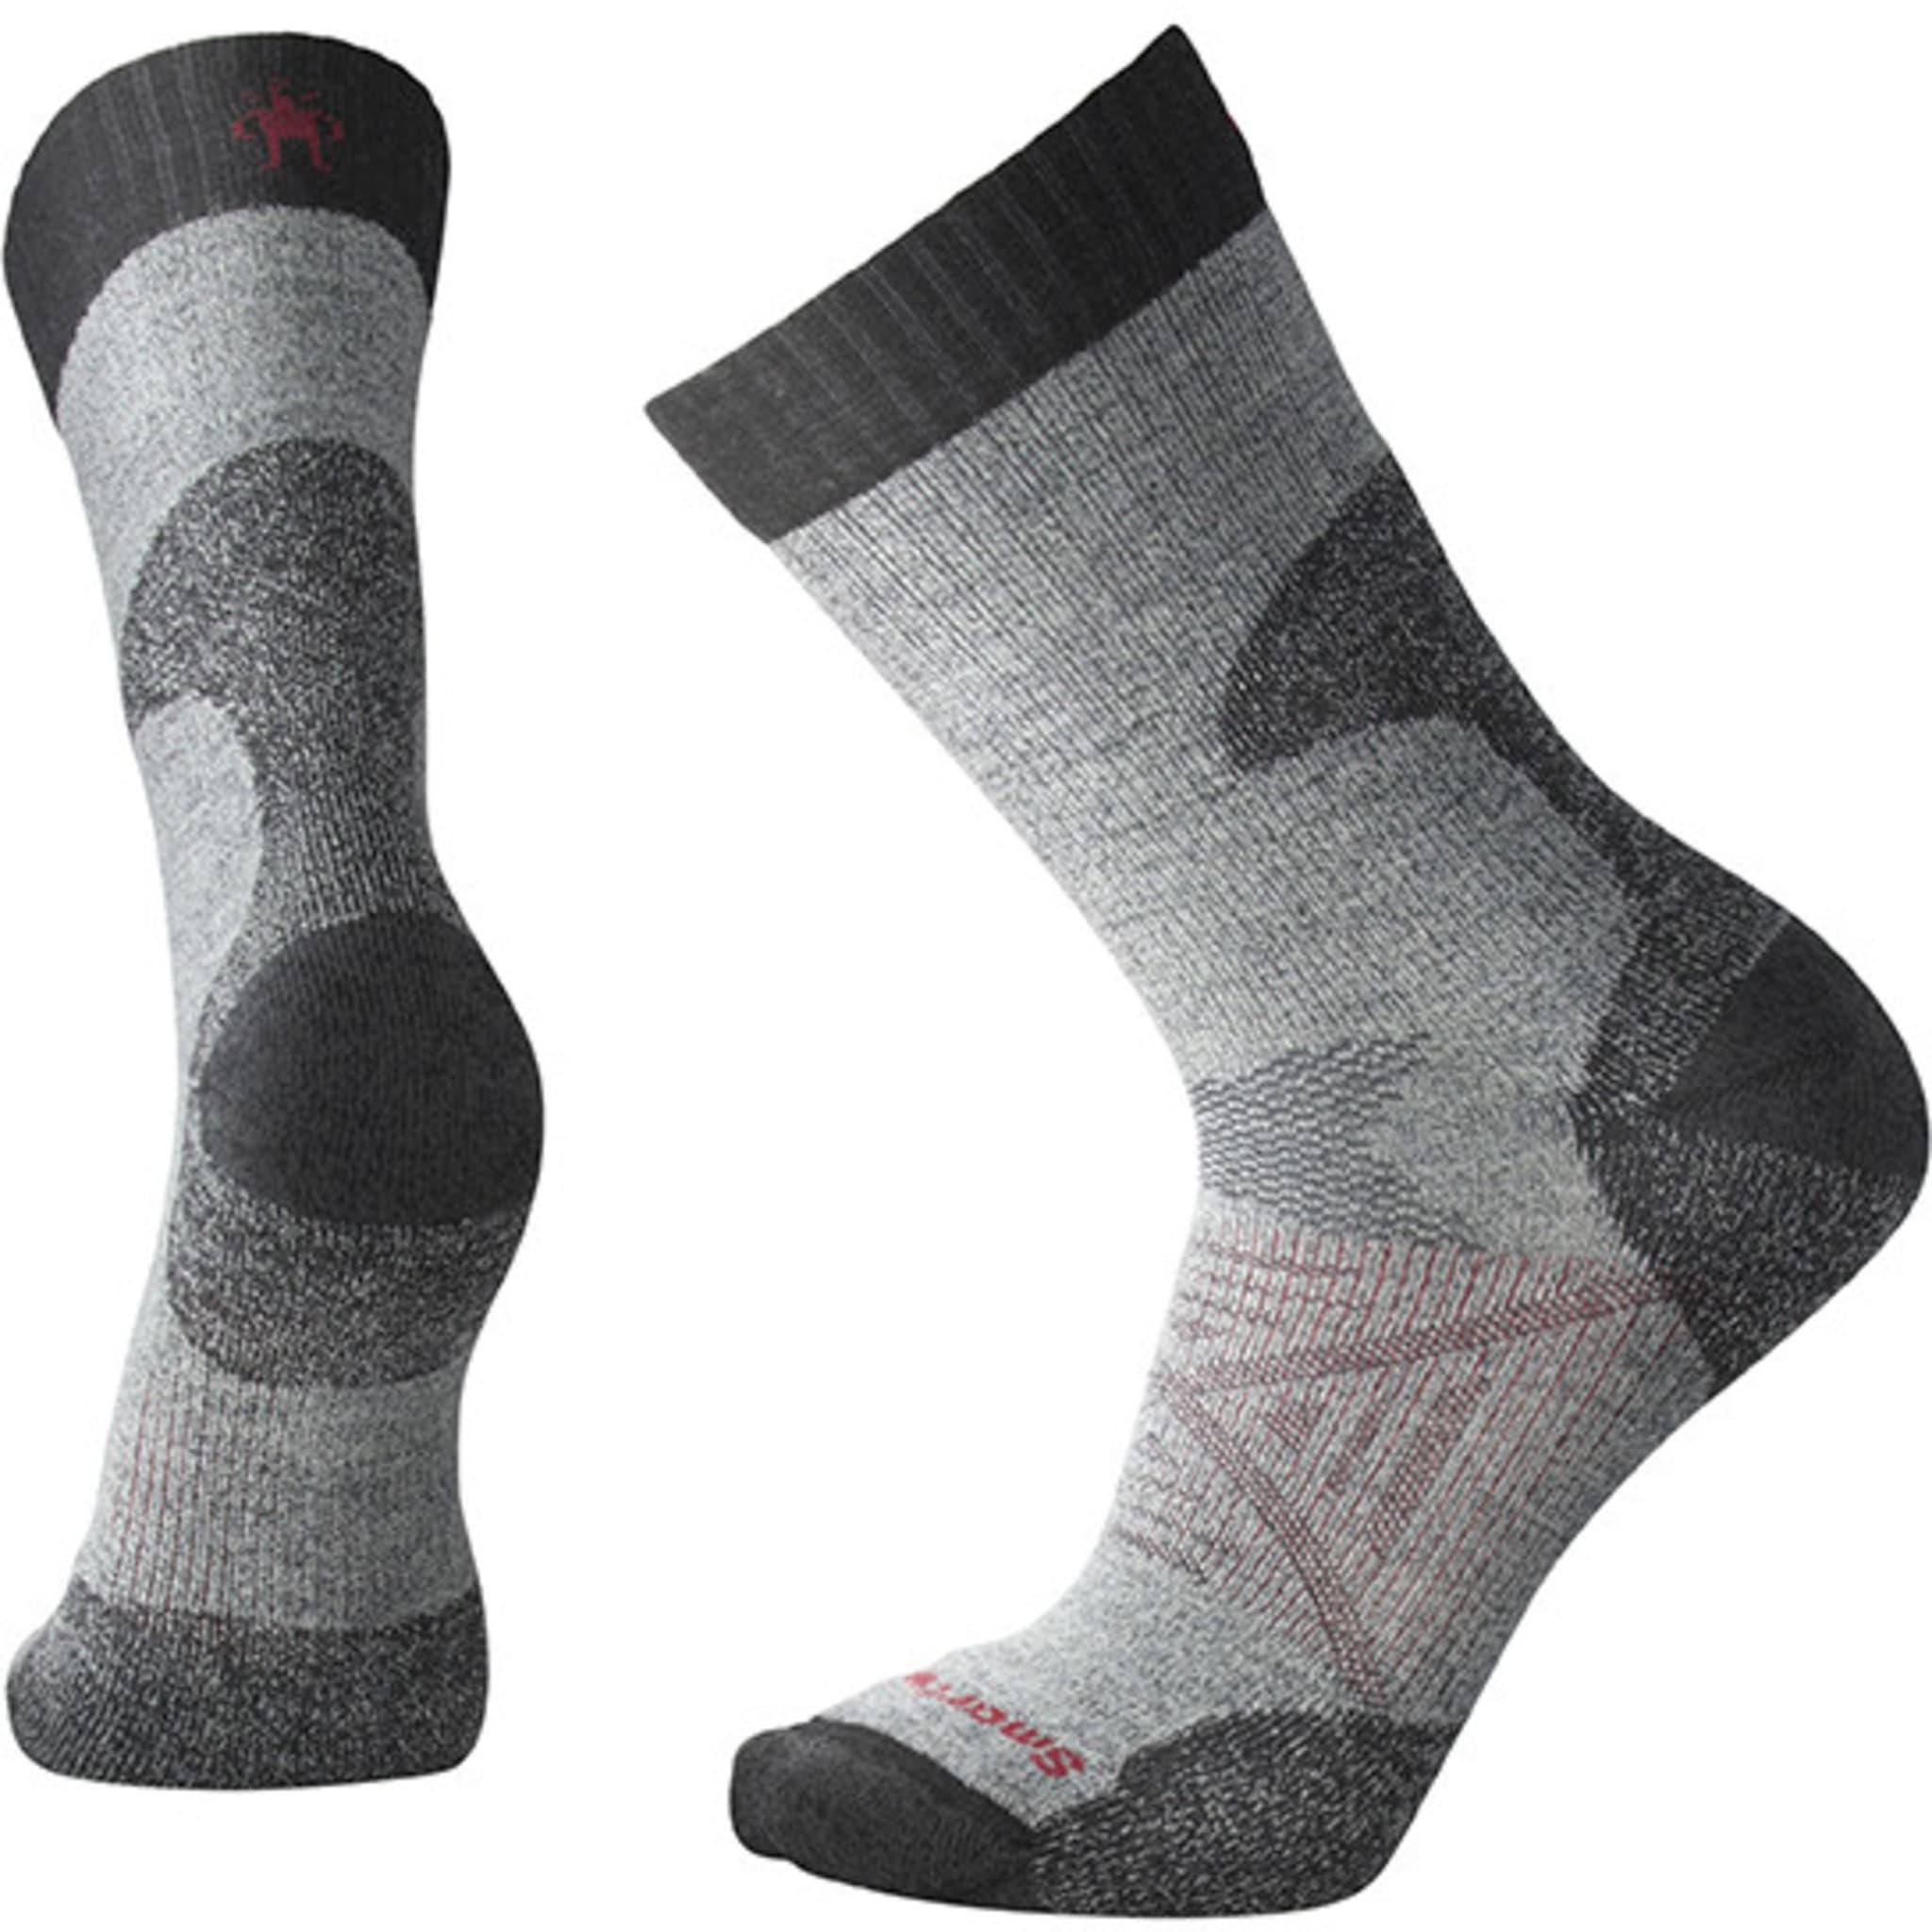 Komfortable og slitesterke sokker med ekstra varme rundt akilles